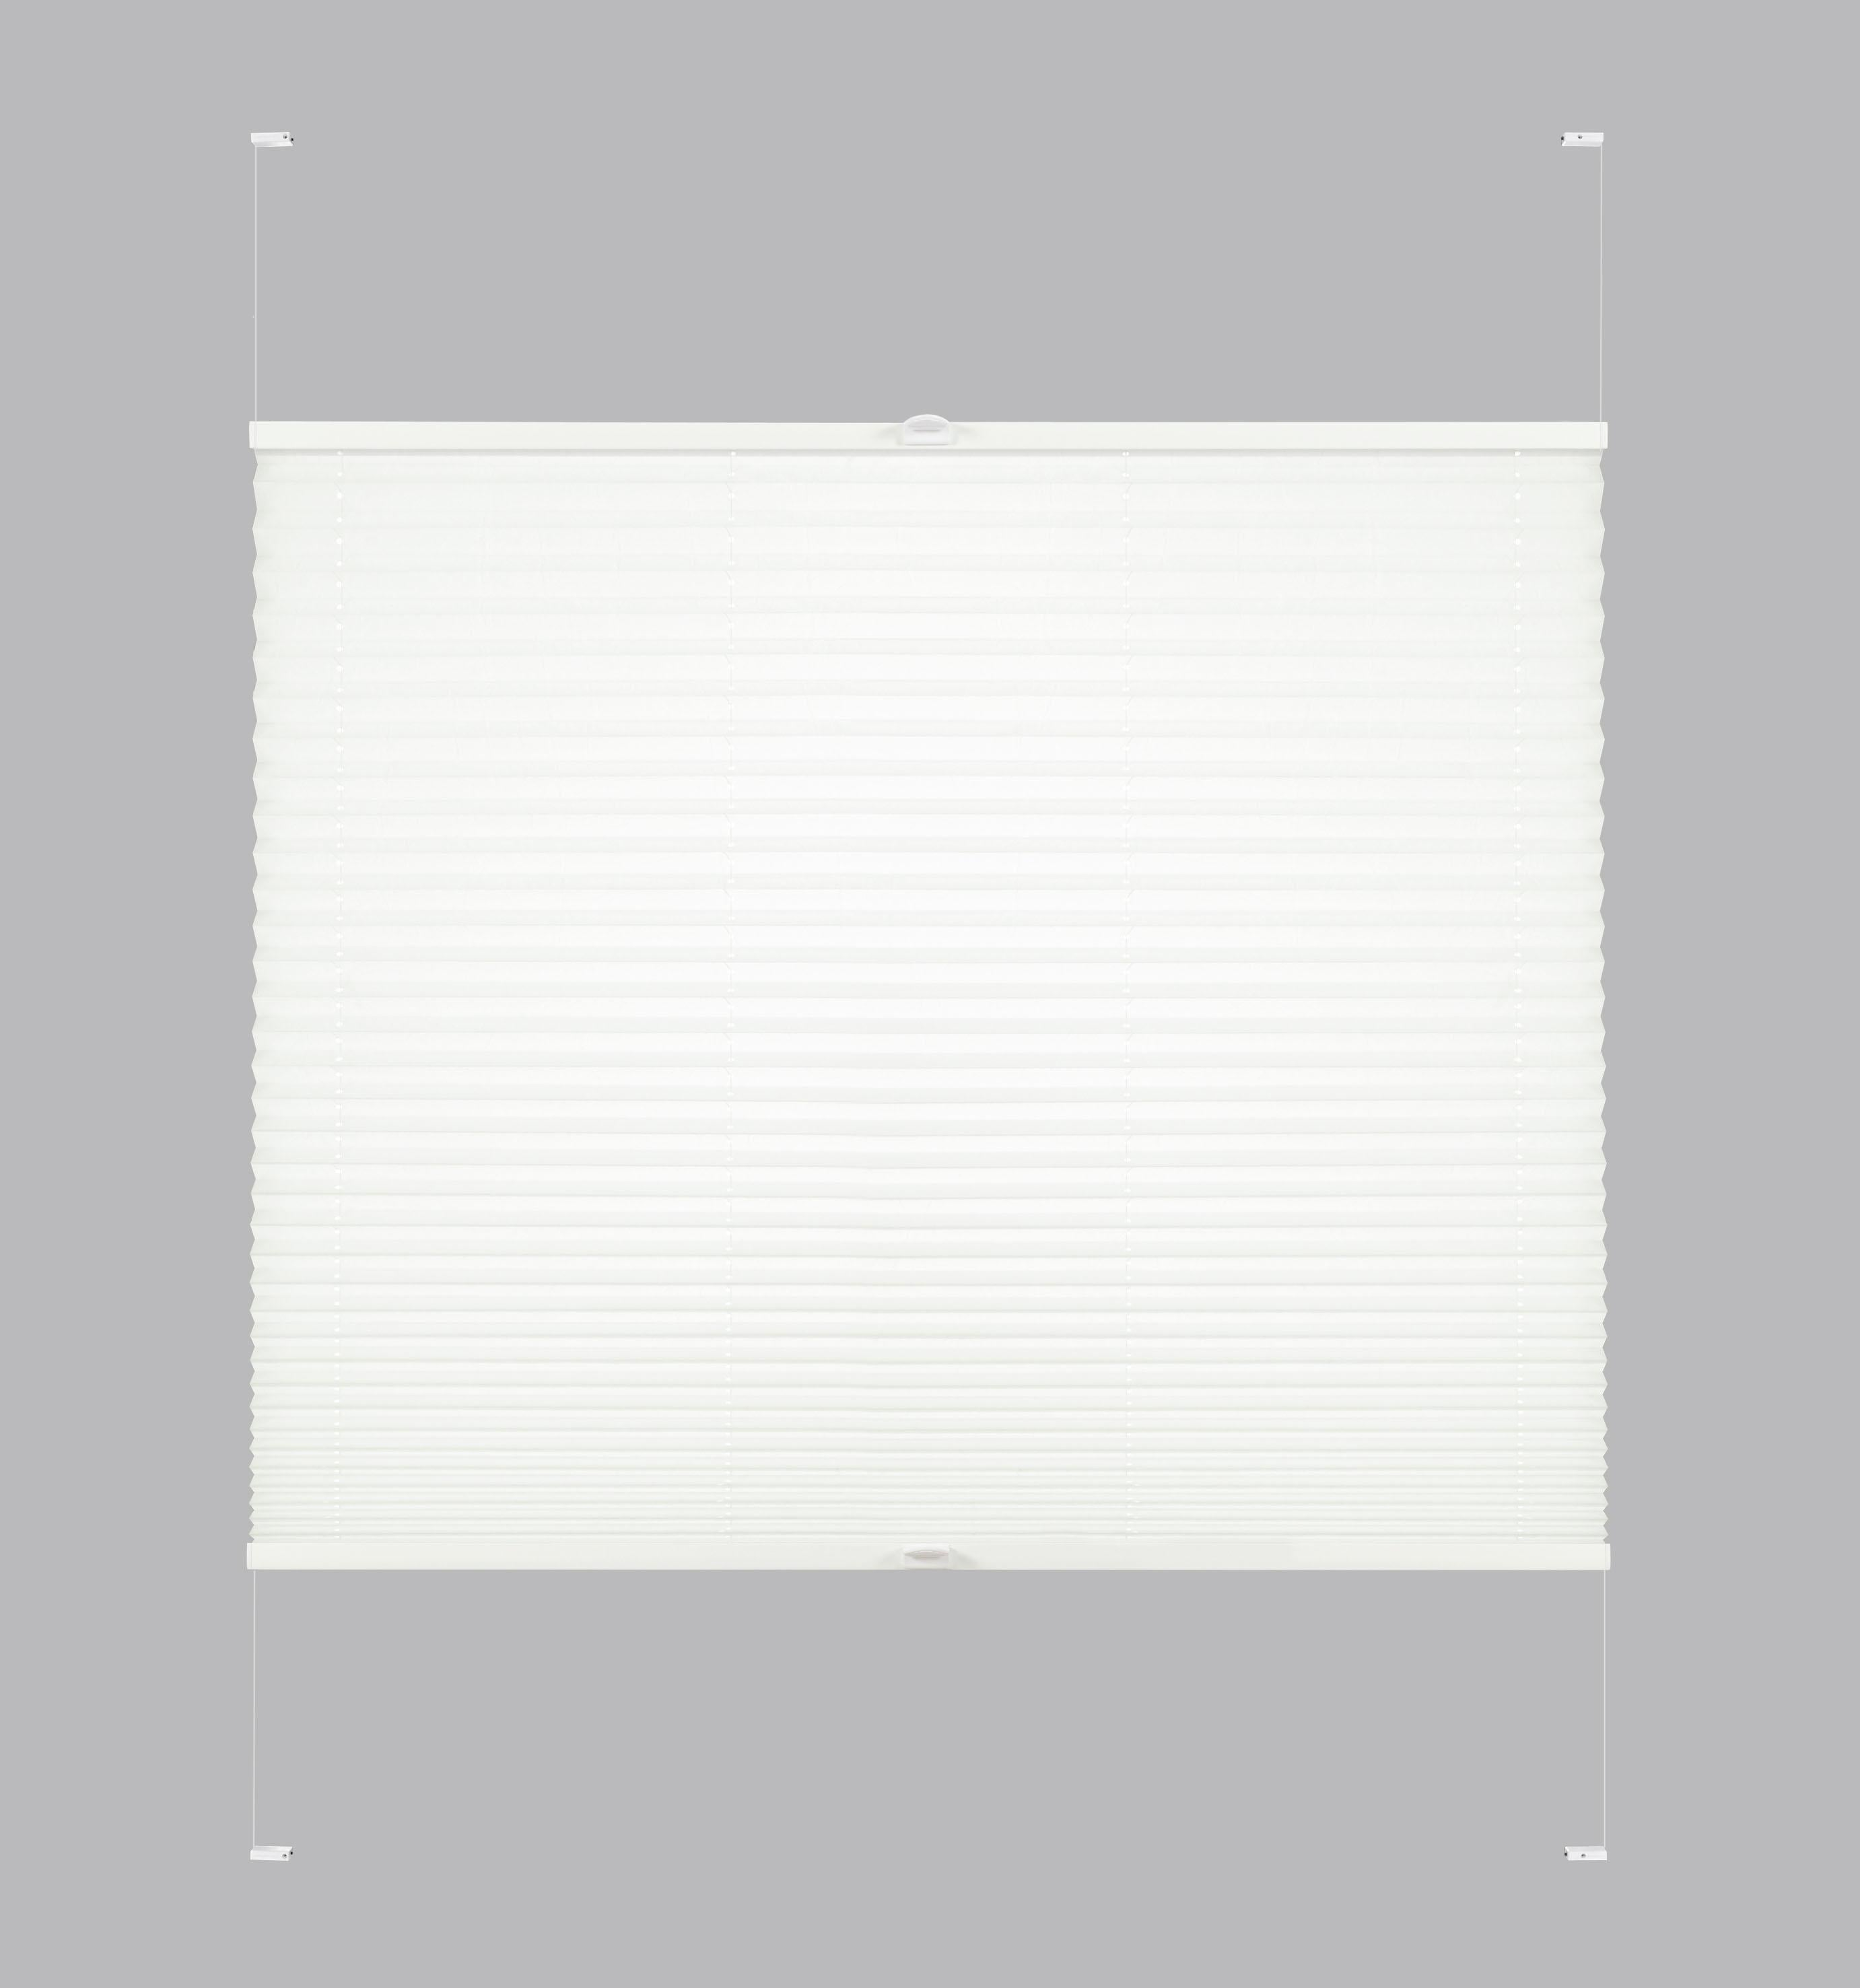 Dachfenster-Plissee Good Life Dena Faltenstore Lichtschutz Wunschmaß Wohnen/Wohntextilien/Rollos & Jalousien/Plissees/Dachfensterplissees